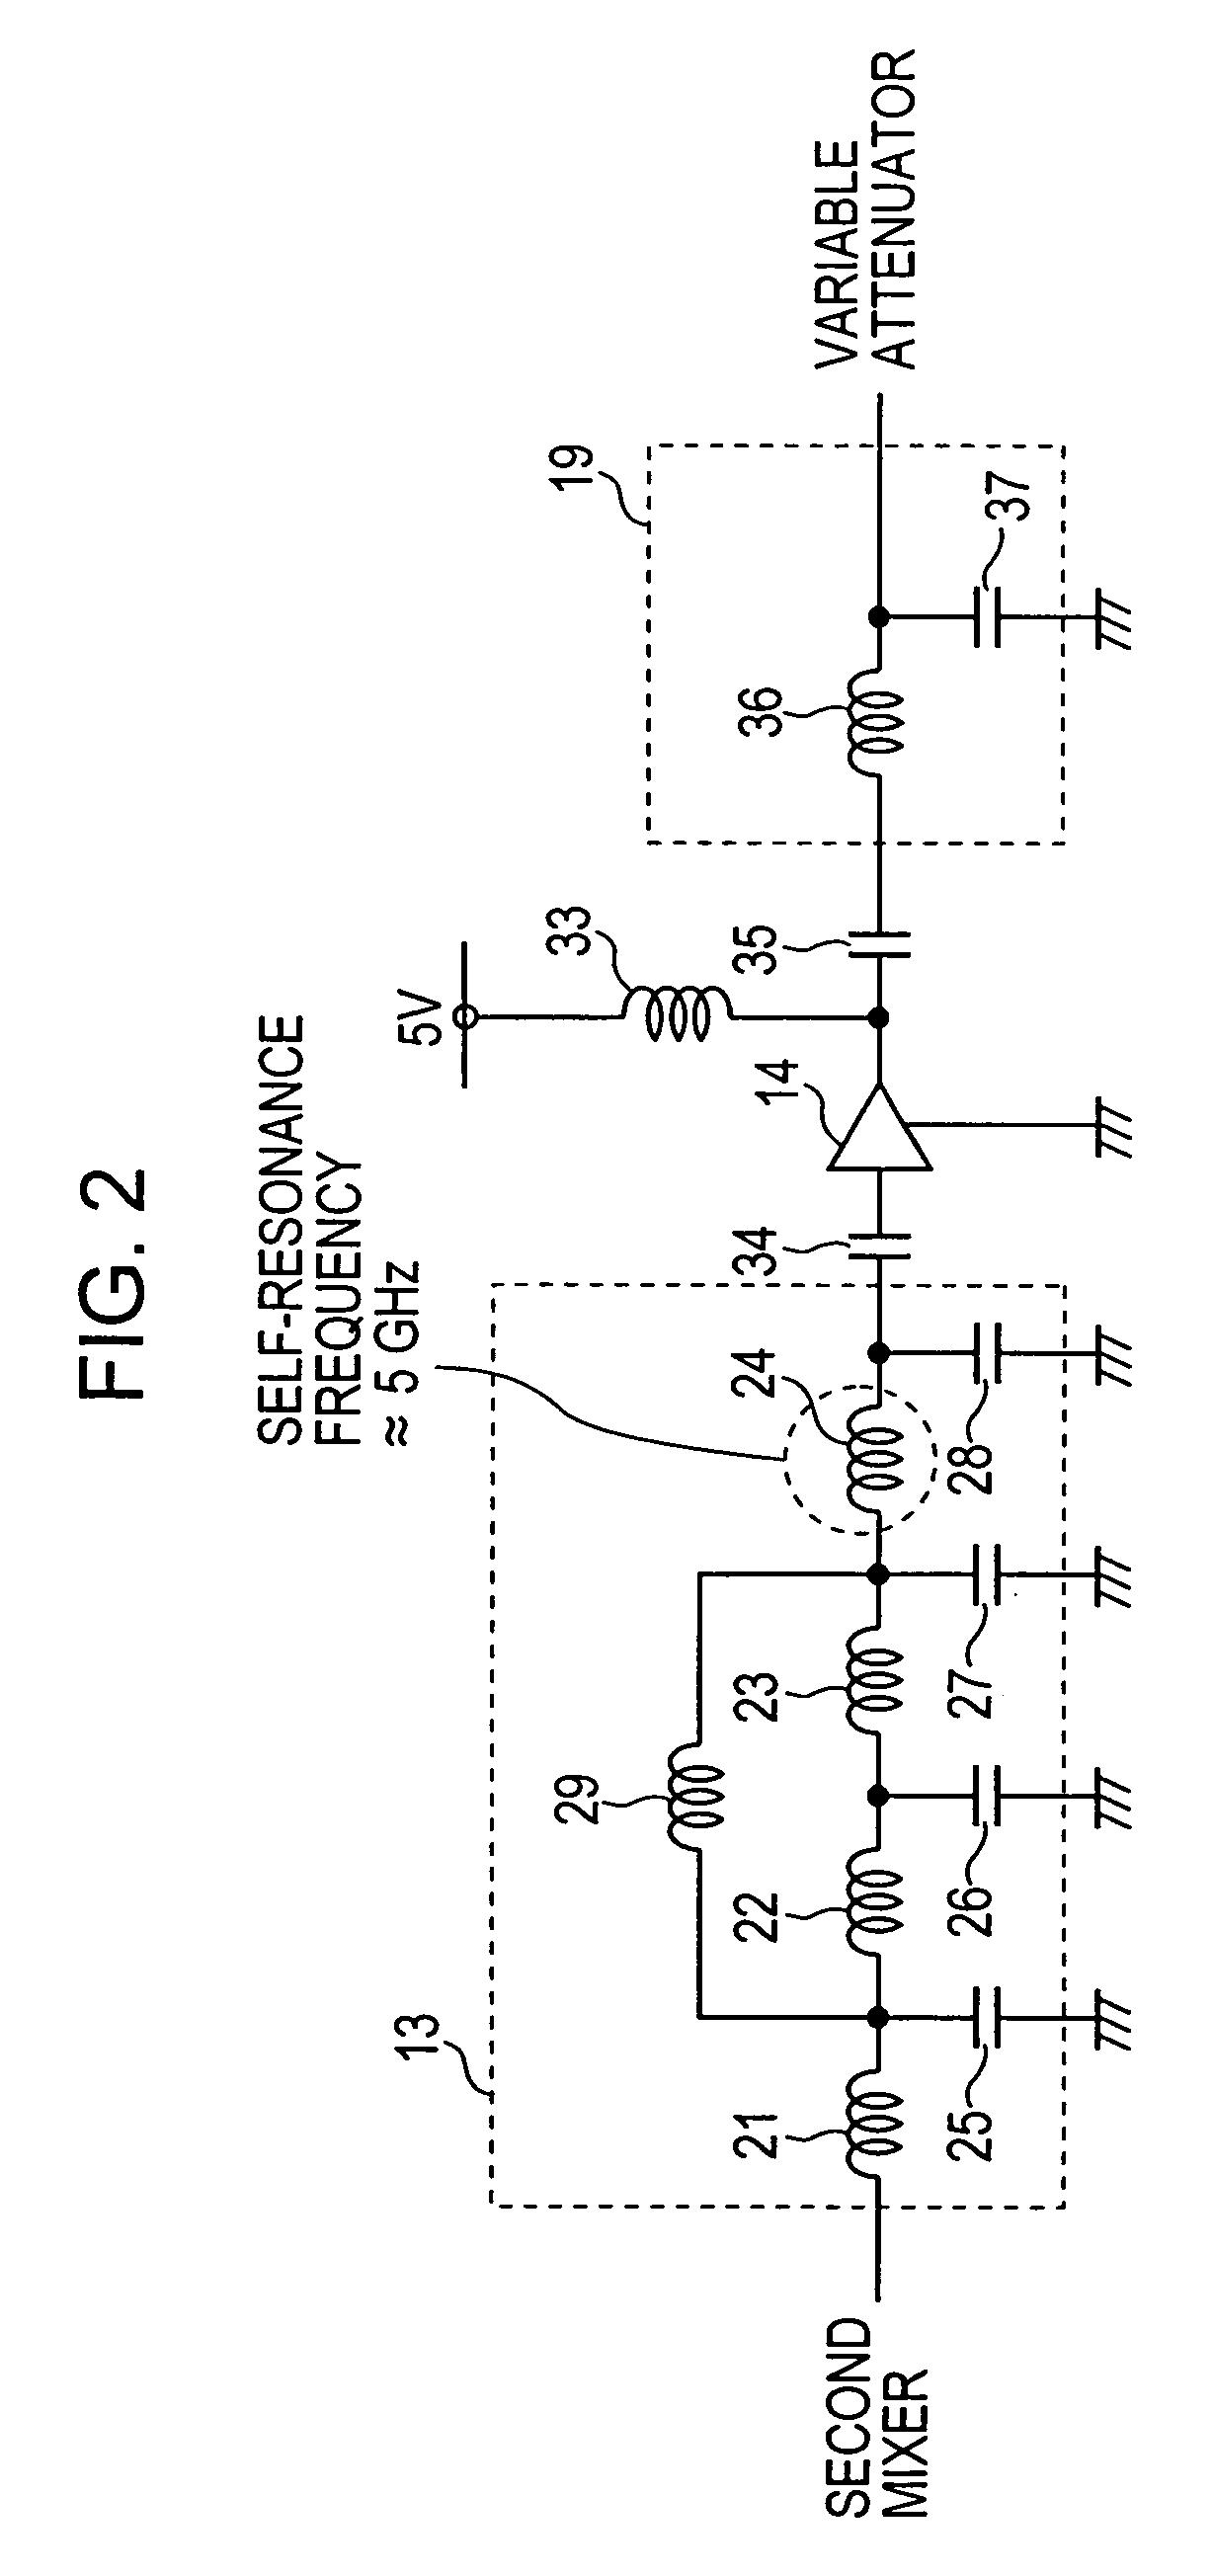 patent us20070129028